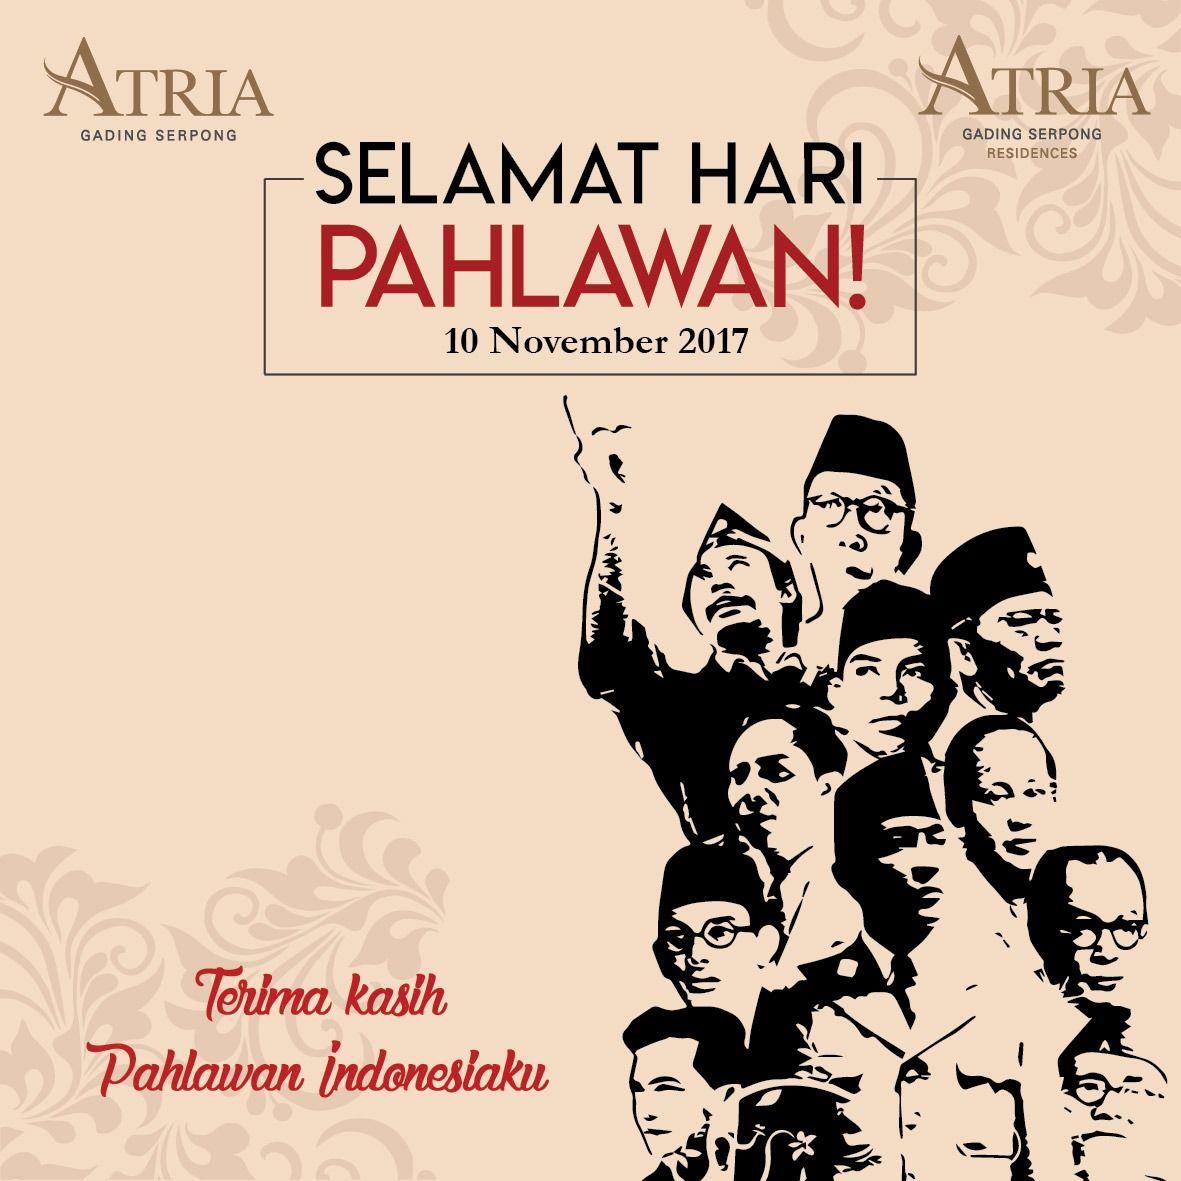 Contoh Gambar Pahlawan Indonesia